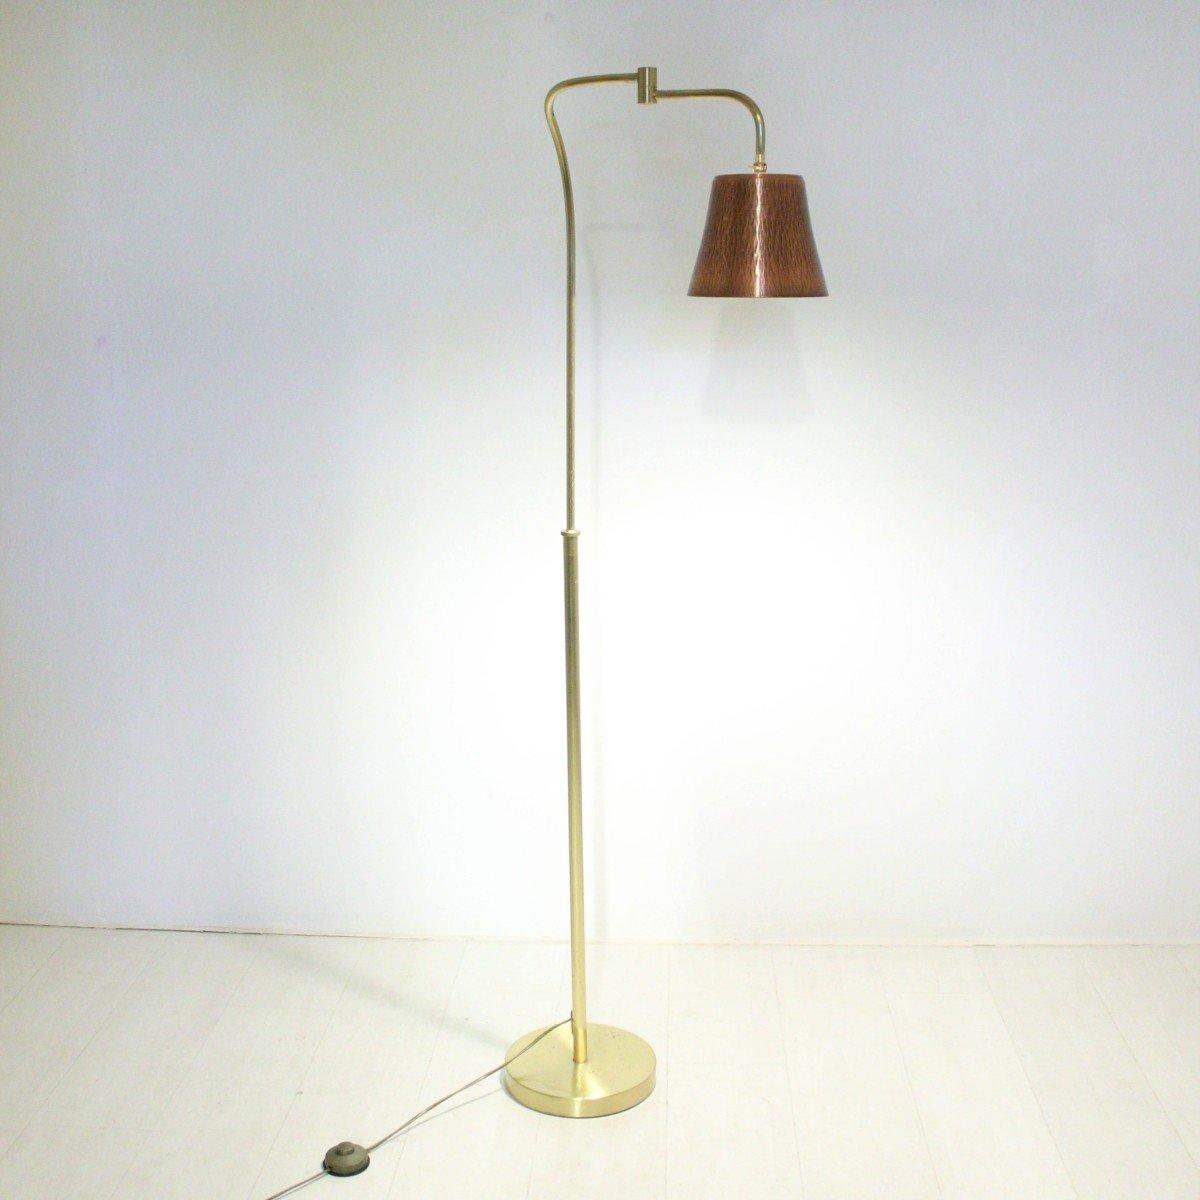 lampadaire vintage en laiton et cuivre 1970s en vente sur pamono. Black Bedroom Furniture Sets. Home Design Ideas